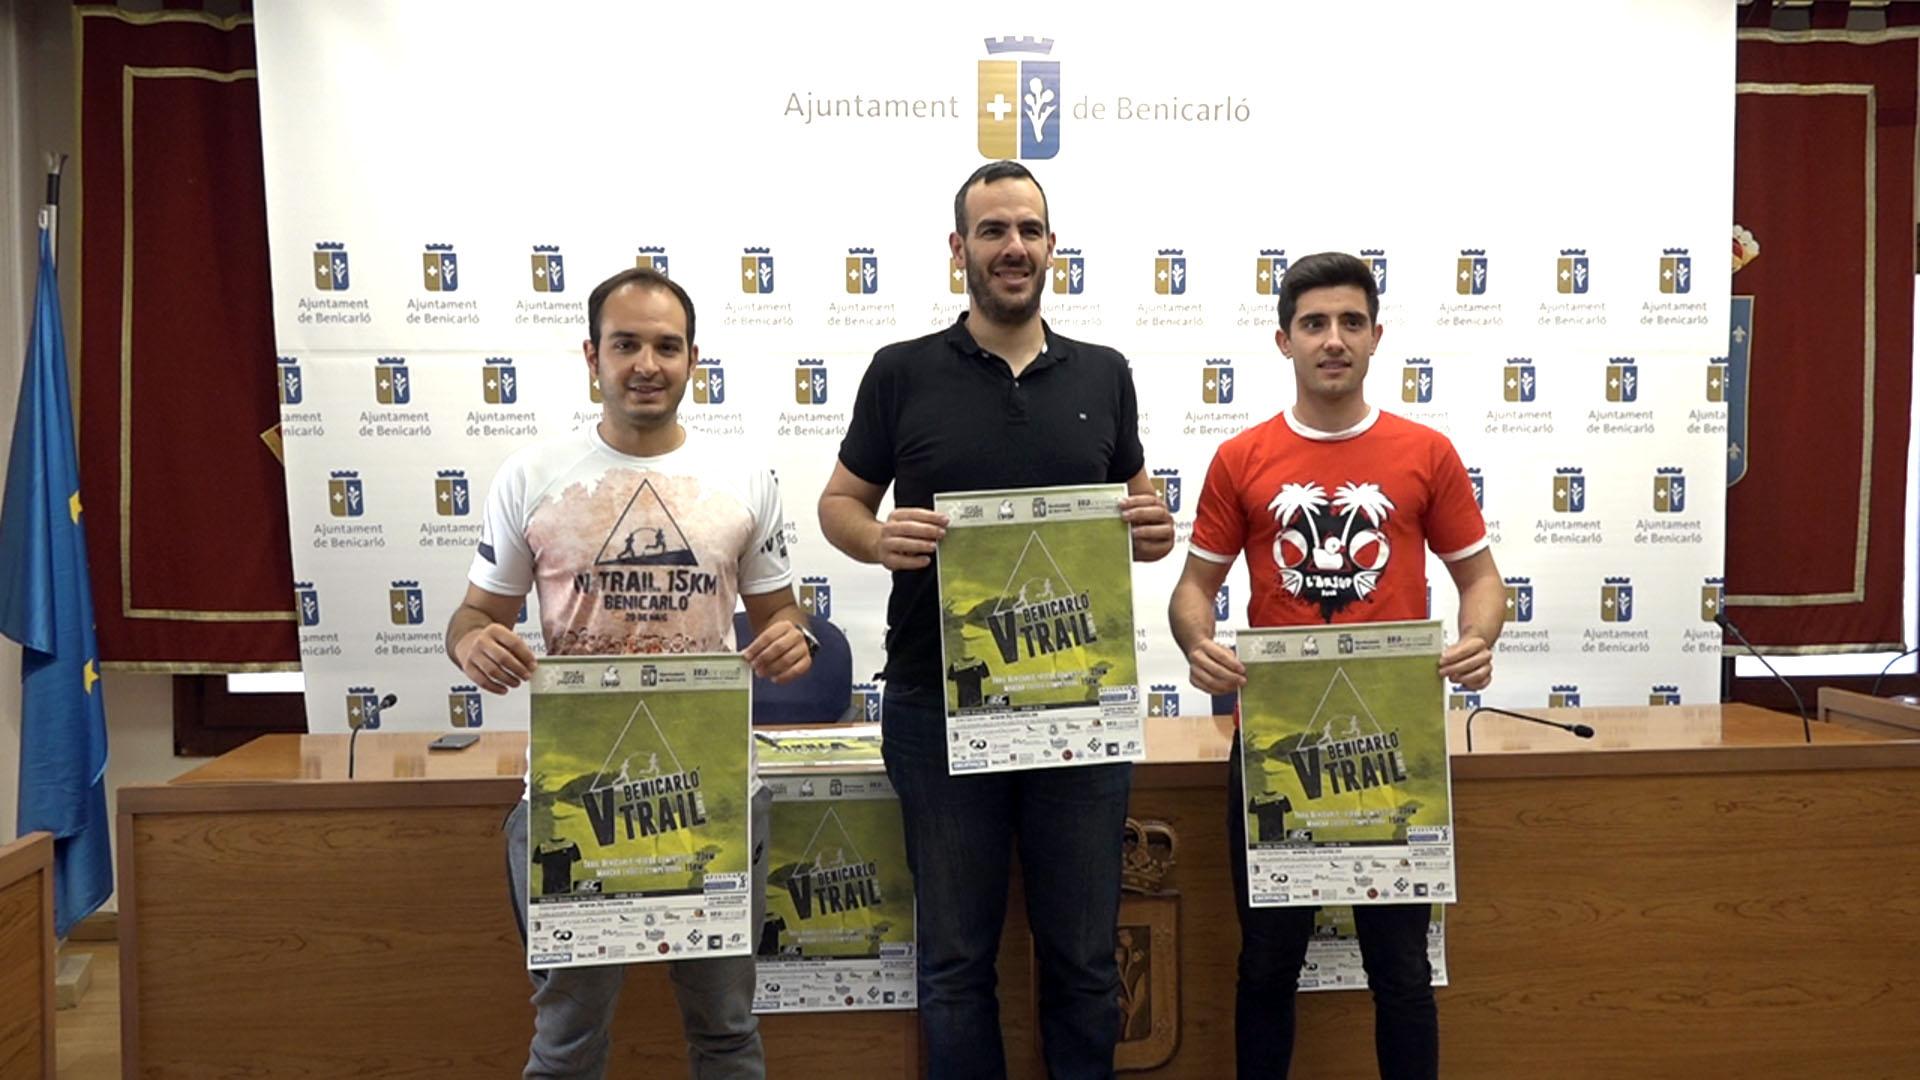 Benicarló, es presenta el 5è Trail amb dos recorreguts de 23 i 15Km com a principals novetats